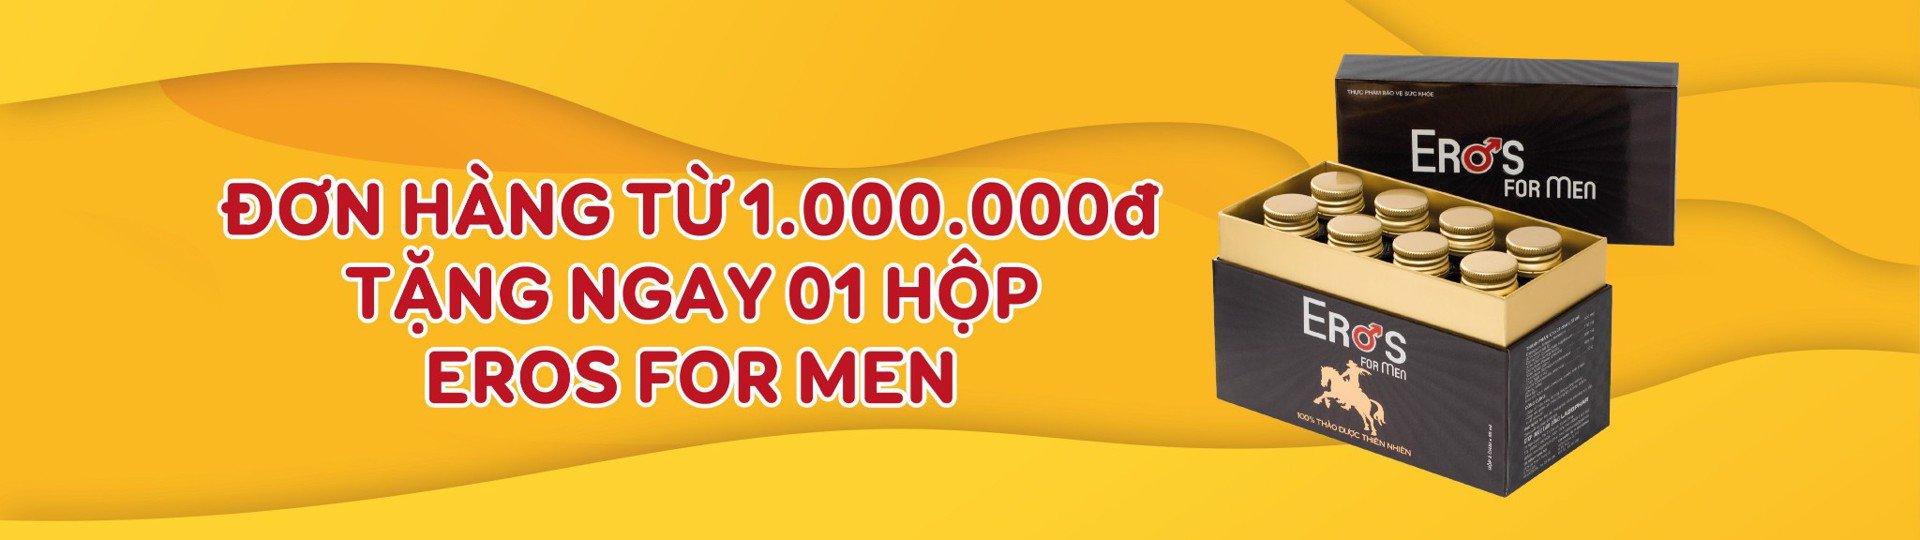 Đơn hàng 1000k trở lên tặng 1 hộp Eros giá 500k